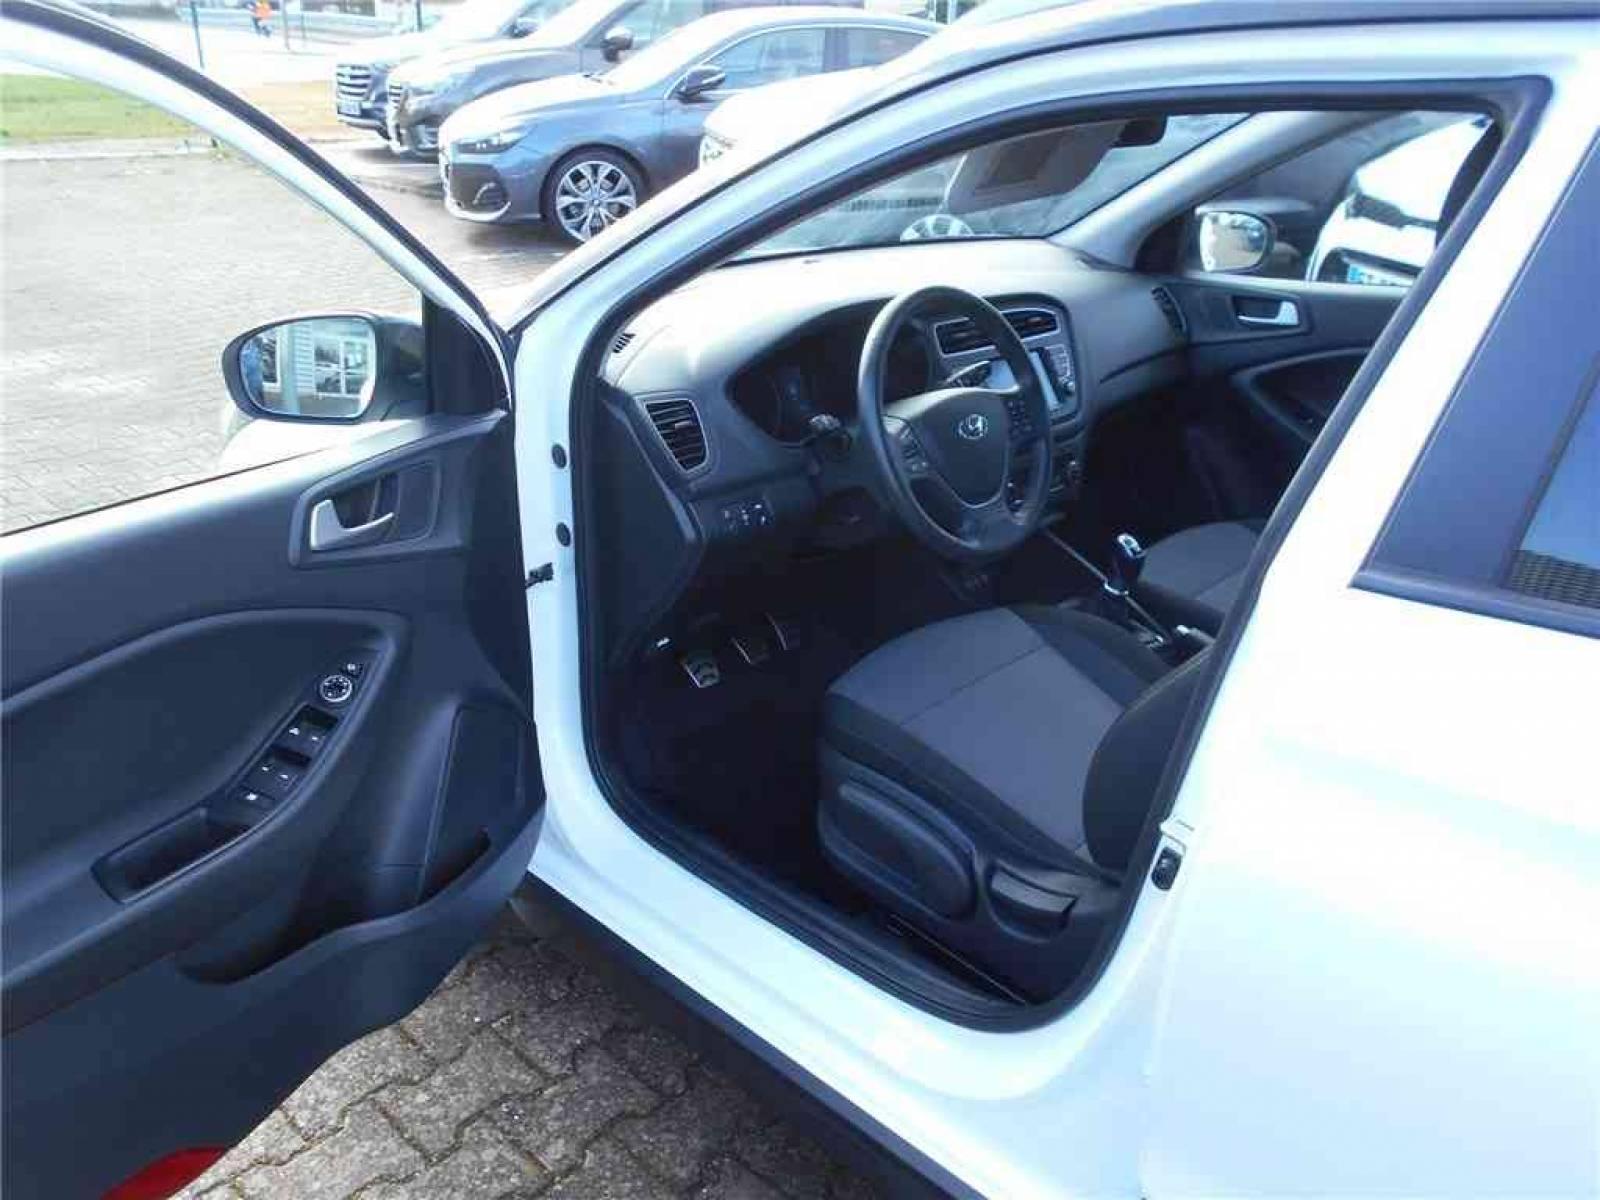 HYUNDAI i20 Active 1.0 T-GDi 100 - véhicule d'occasion - Groupe Guillet - Chalon Automobiles - 71100 - Chalon-sur-Saône - 11